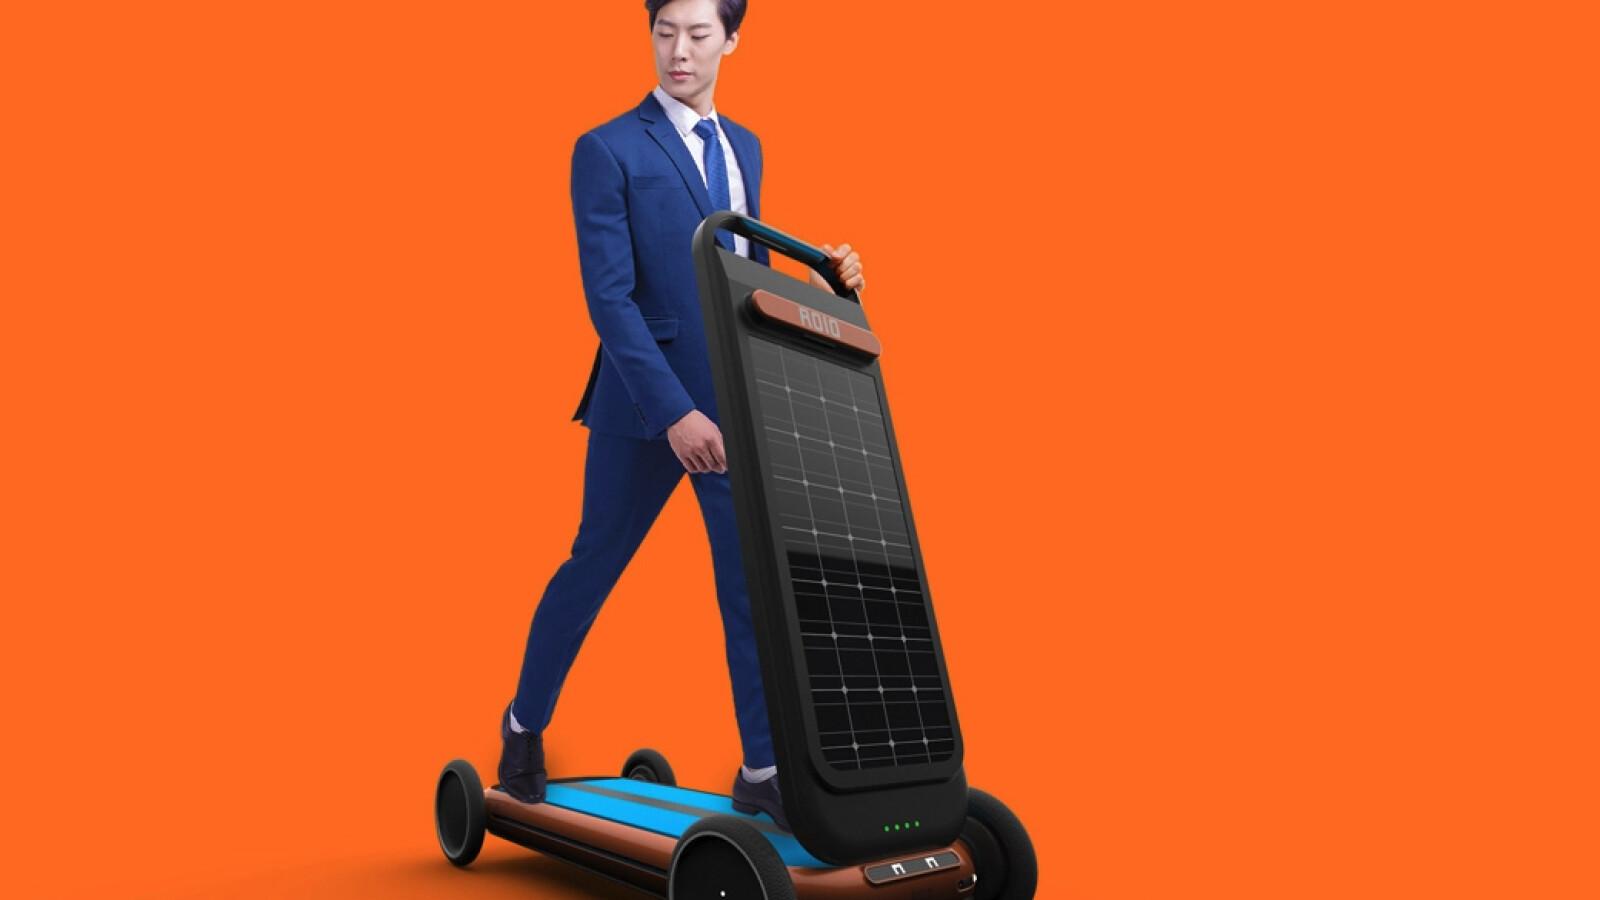 Mischung aus Laufband und Solar-E-Scooter vorgestellt